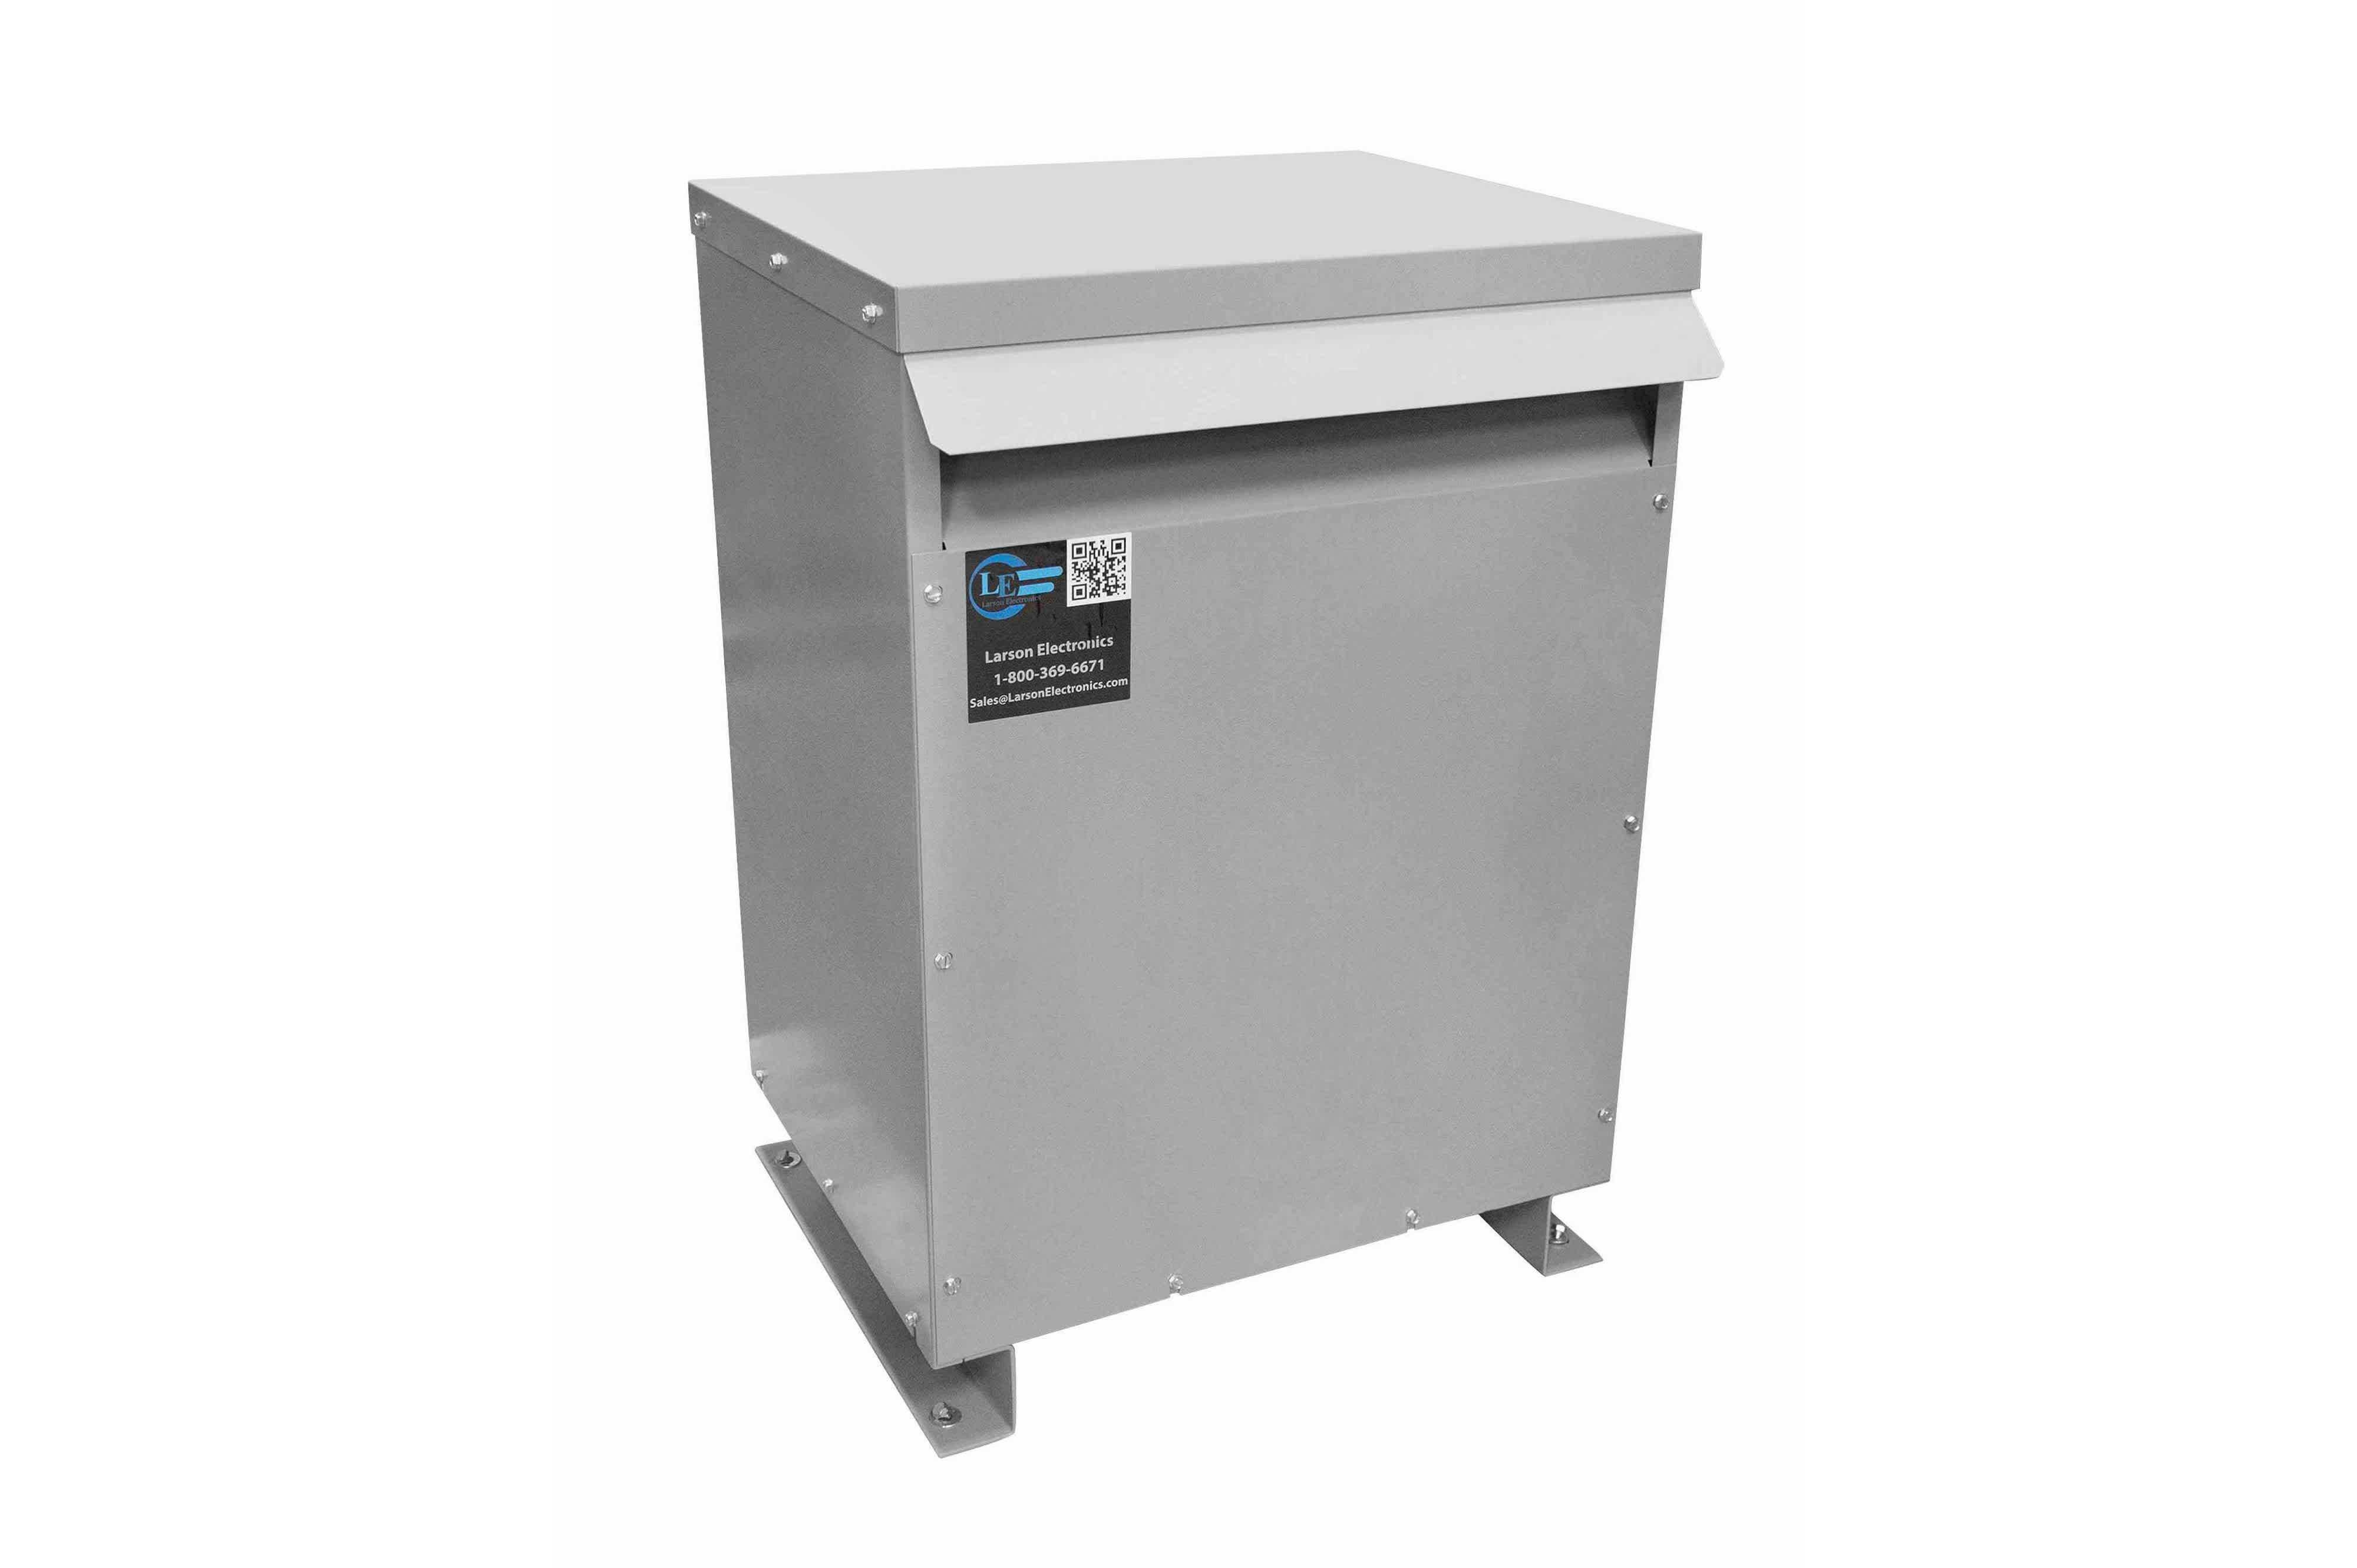 150 kVA 3PH Isolation Transformer, 575V Delta Primary, 400V Delta Secondary, N3R, Ventilated, 60 Hz